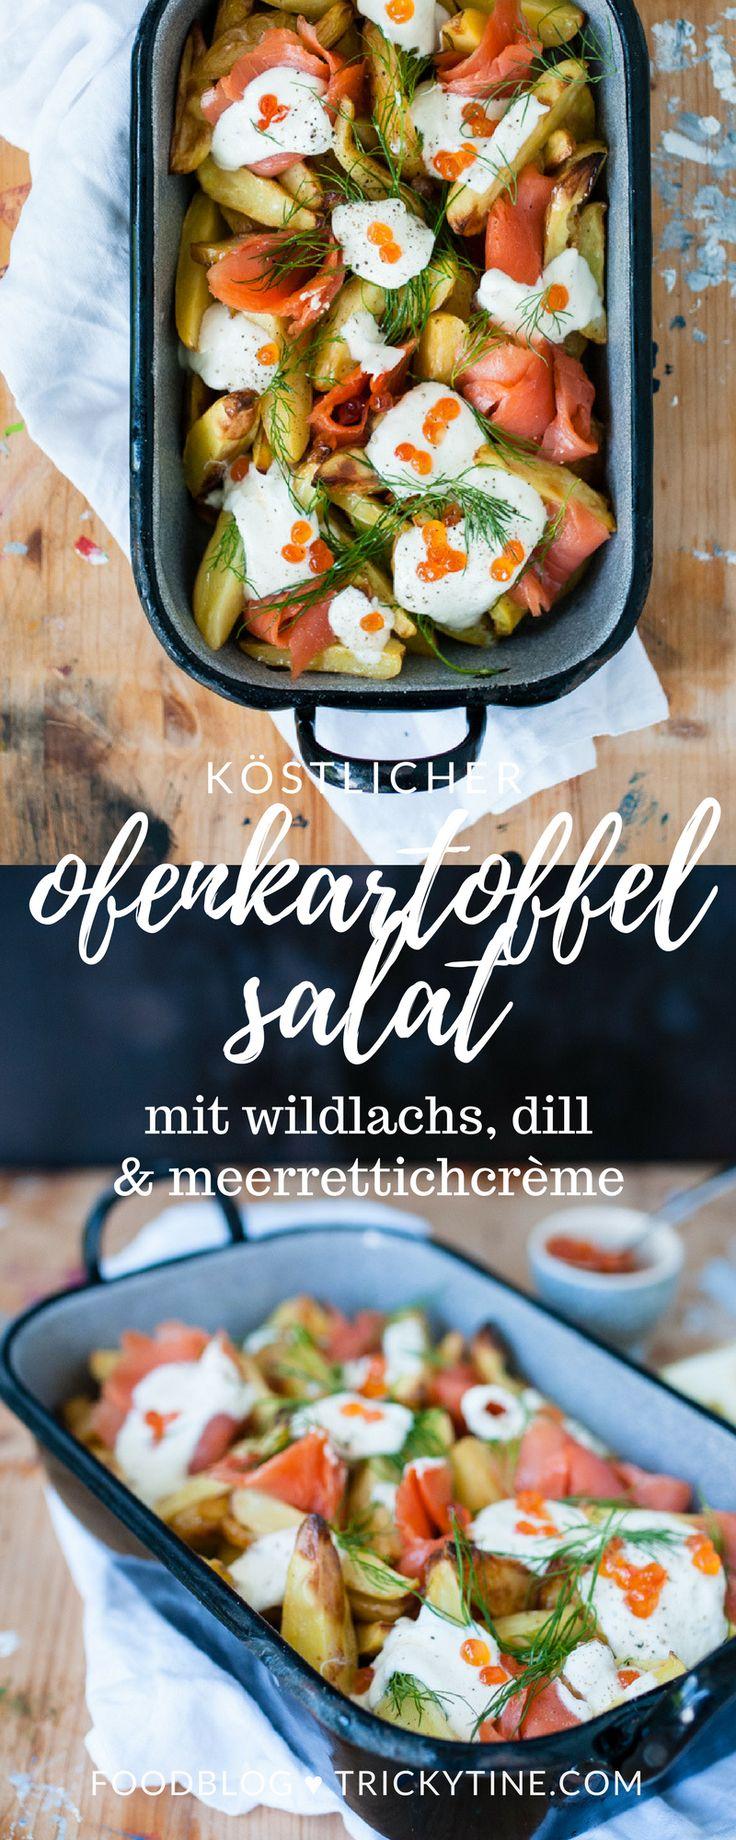 köstlicher salat aus ofenkartoffeln, mit wildlachs, meerrettichcrème und dill ♥ trickytine.com #food #blogger #trickytine #salad #potatoes